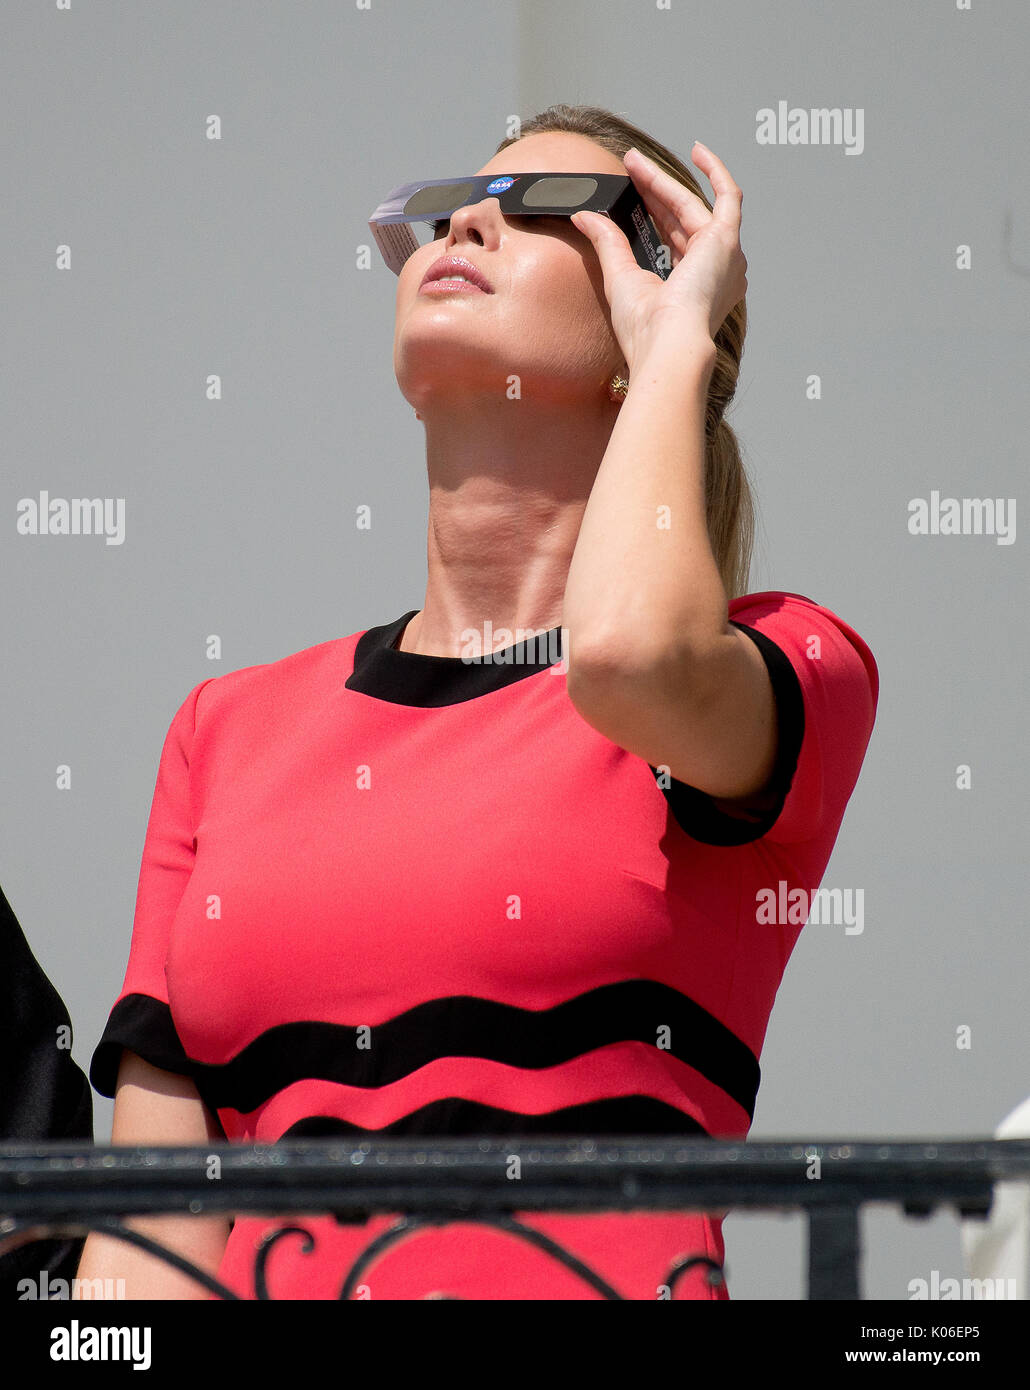 Ivanka Trump mira el eclipse parcial de sol desde el balcón de la habitación azul de la Casa Blanca en Washington, DC el lunes, 21 de agosto de 2017. Crédito: Ron Sachs / CNP - SIN CABLE SERVICIO - Foto: Ron Sachs/consolidados Fotos Noticias/Ron Sachs - CNP Imagen De Stock